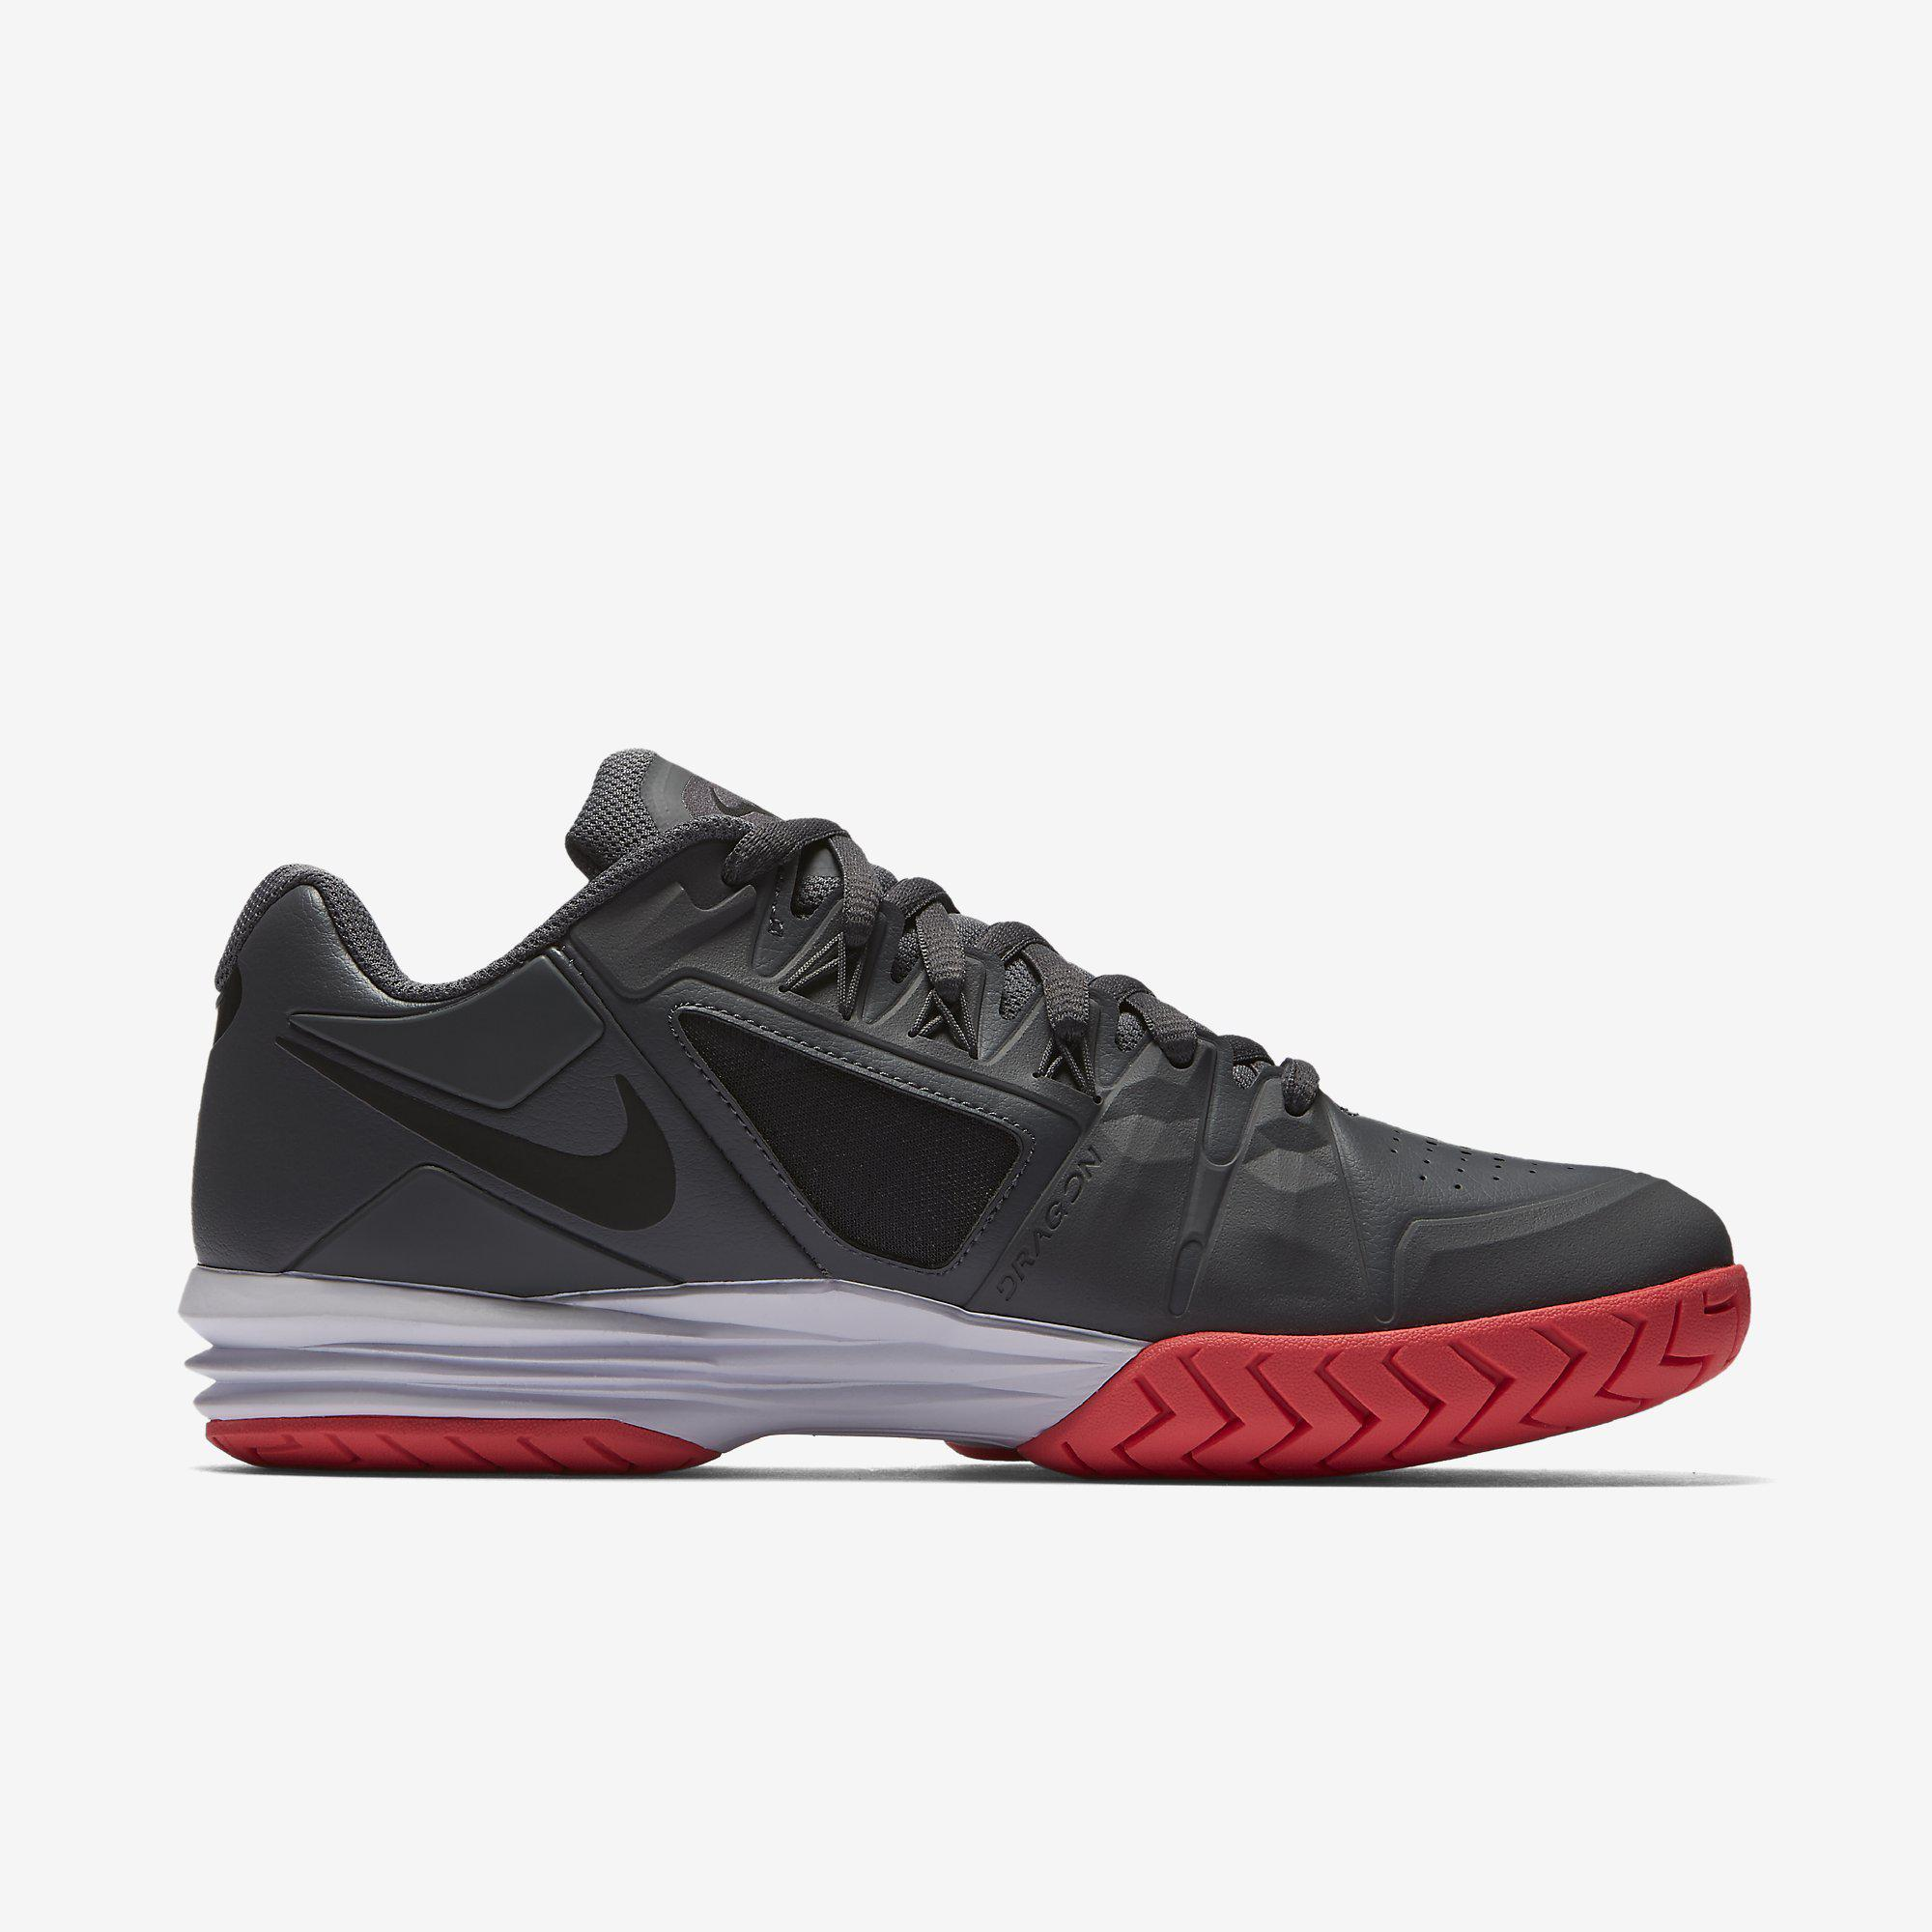 best loved dddf0 9397c ... clearance nike mens lunar ballistec 1.5 legend rafa tennis shoes dark  grey 8b589 c9992